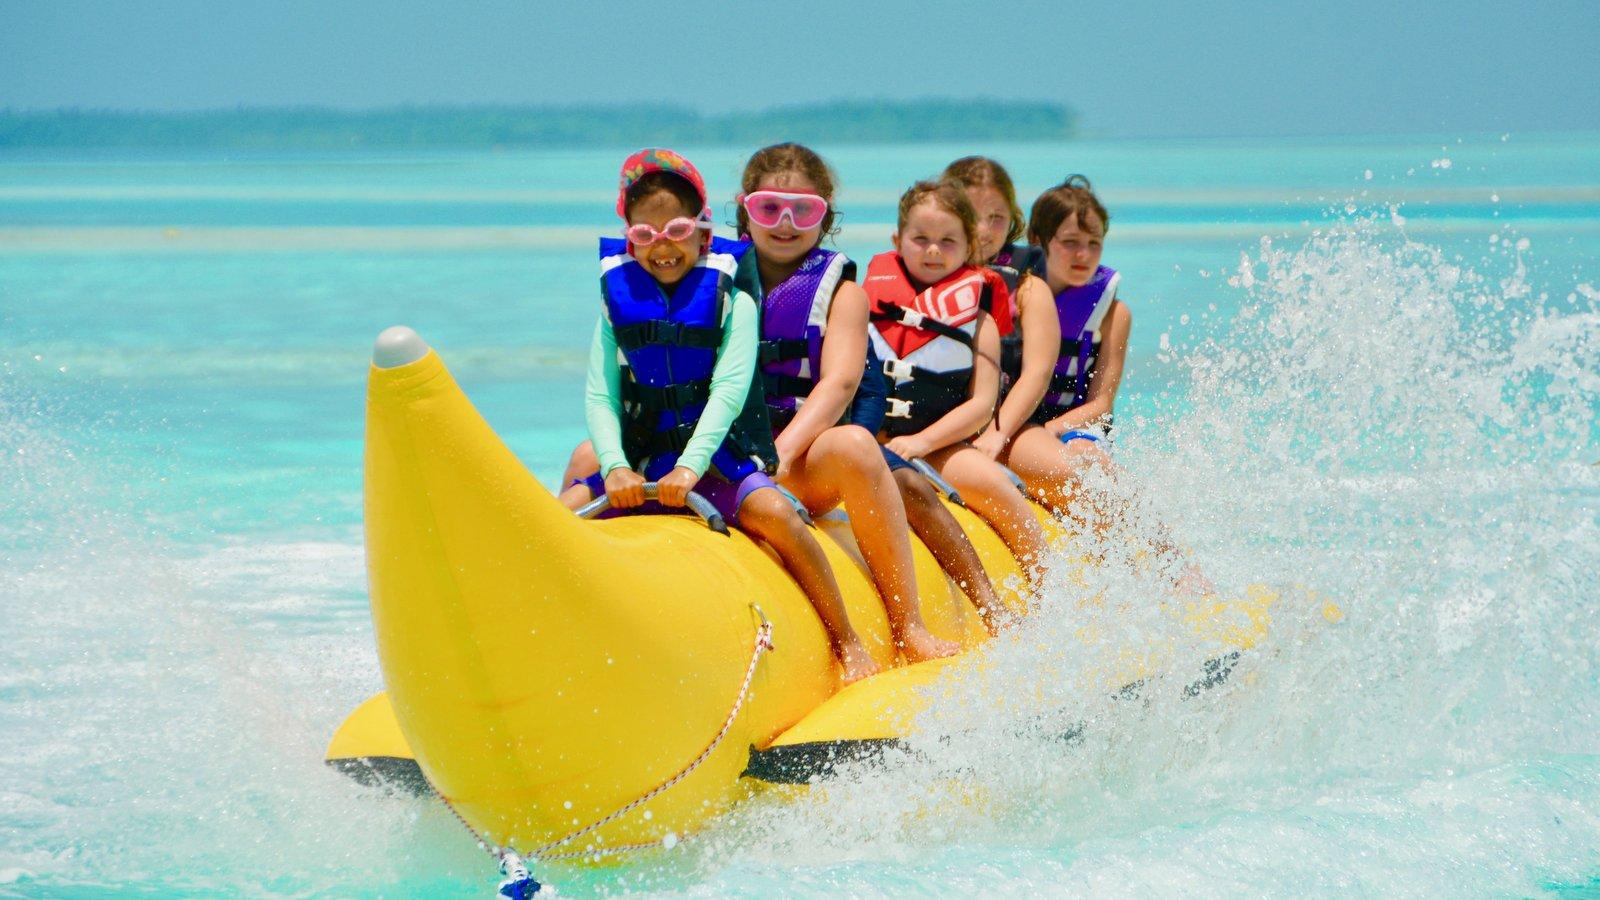 Мальдивы, отель Cocoon Maldives, банана